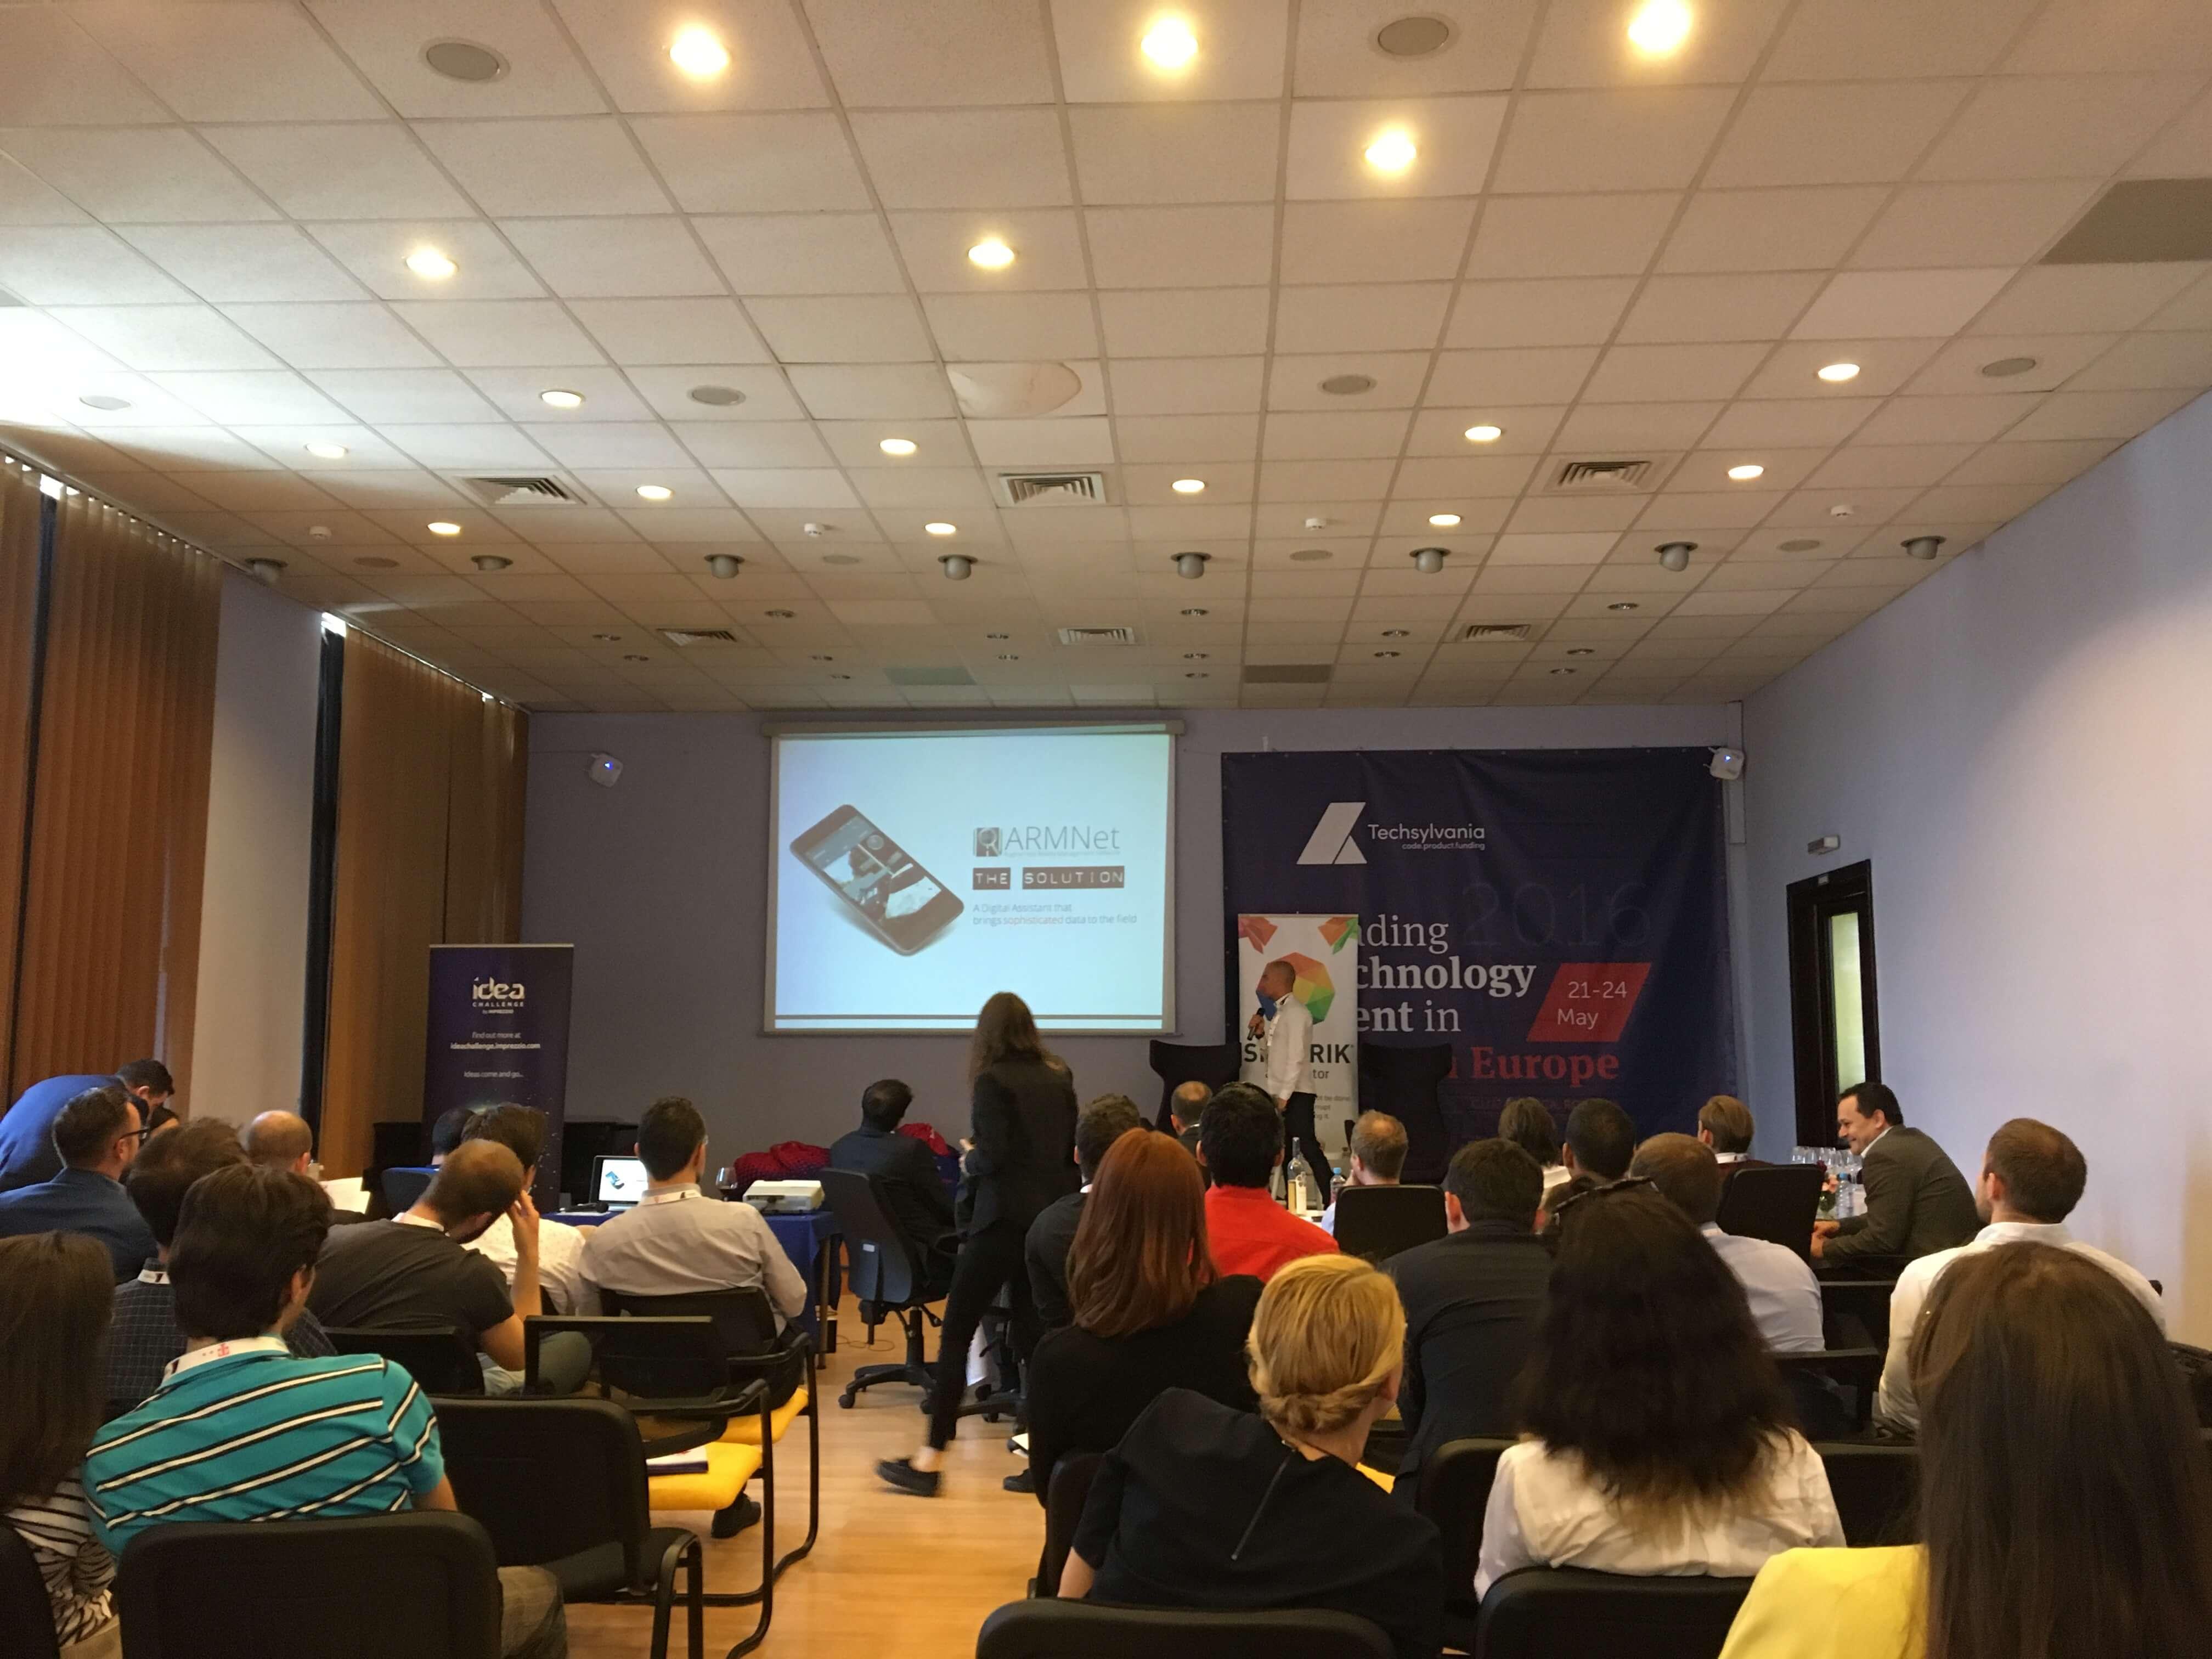 arm.net conferences